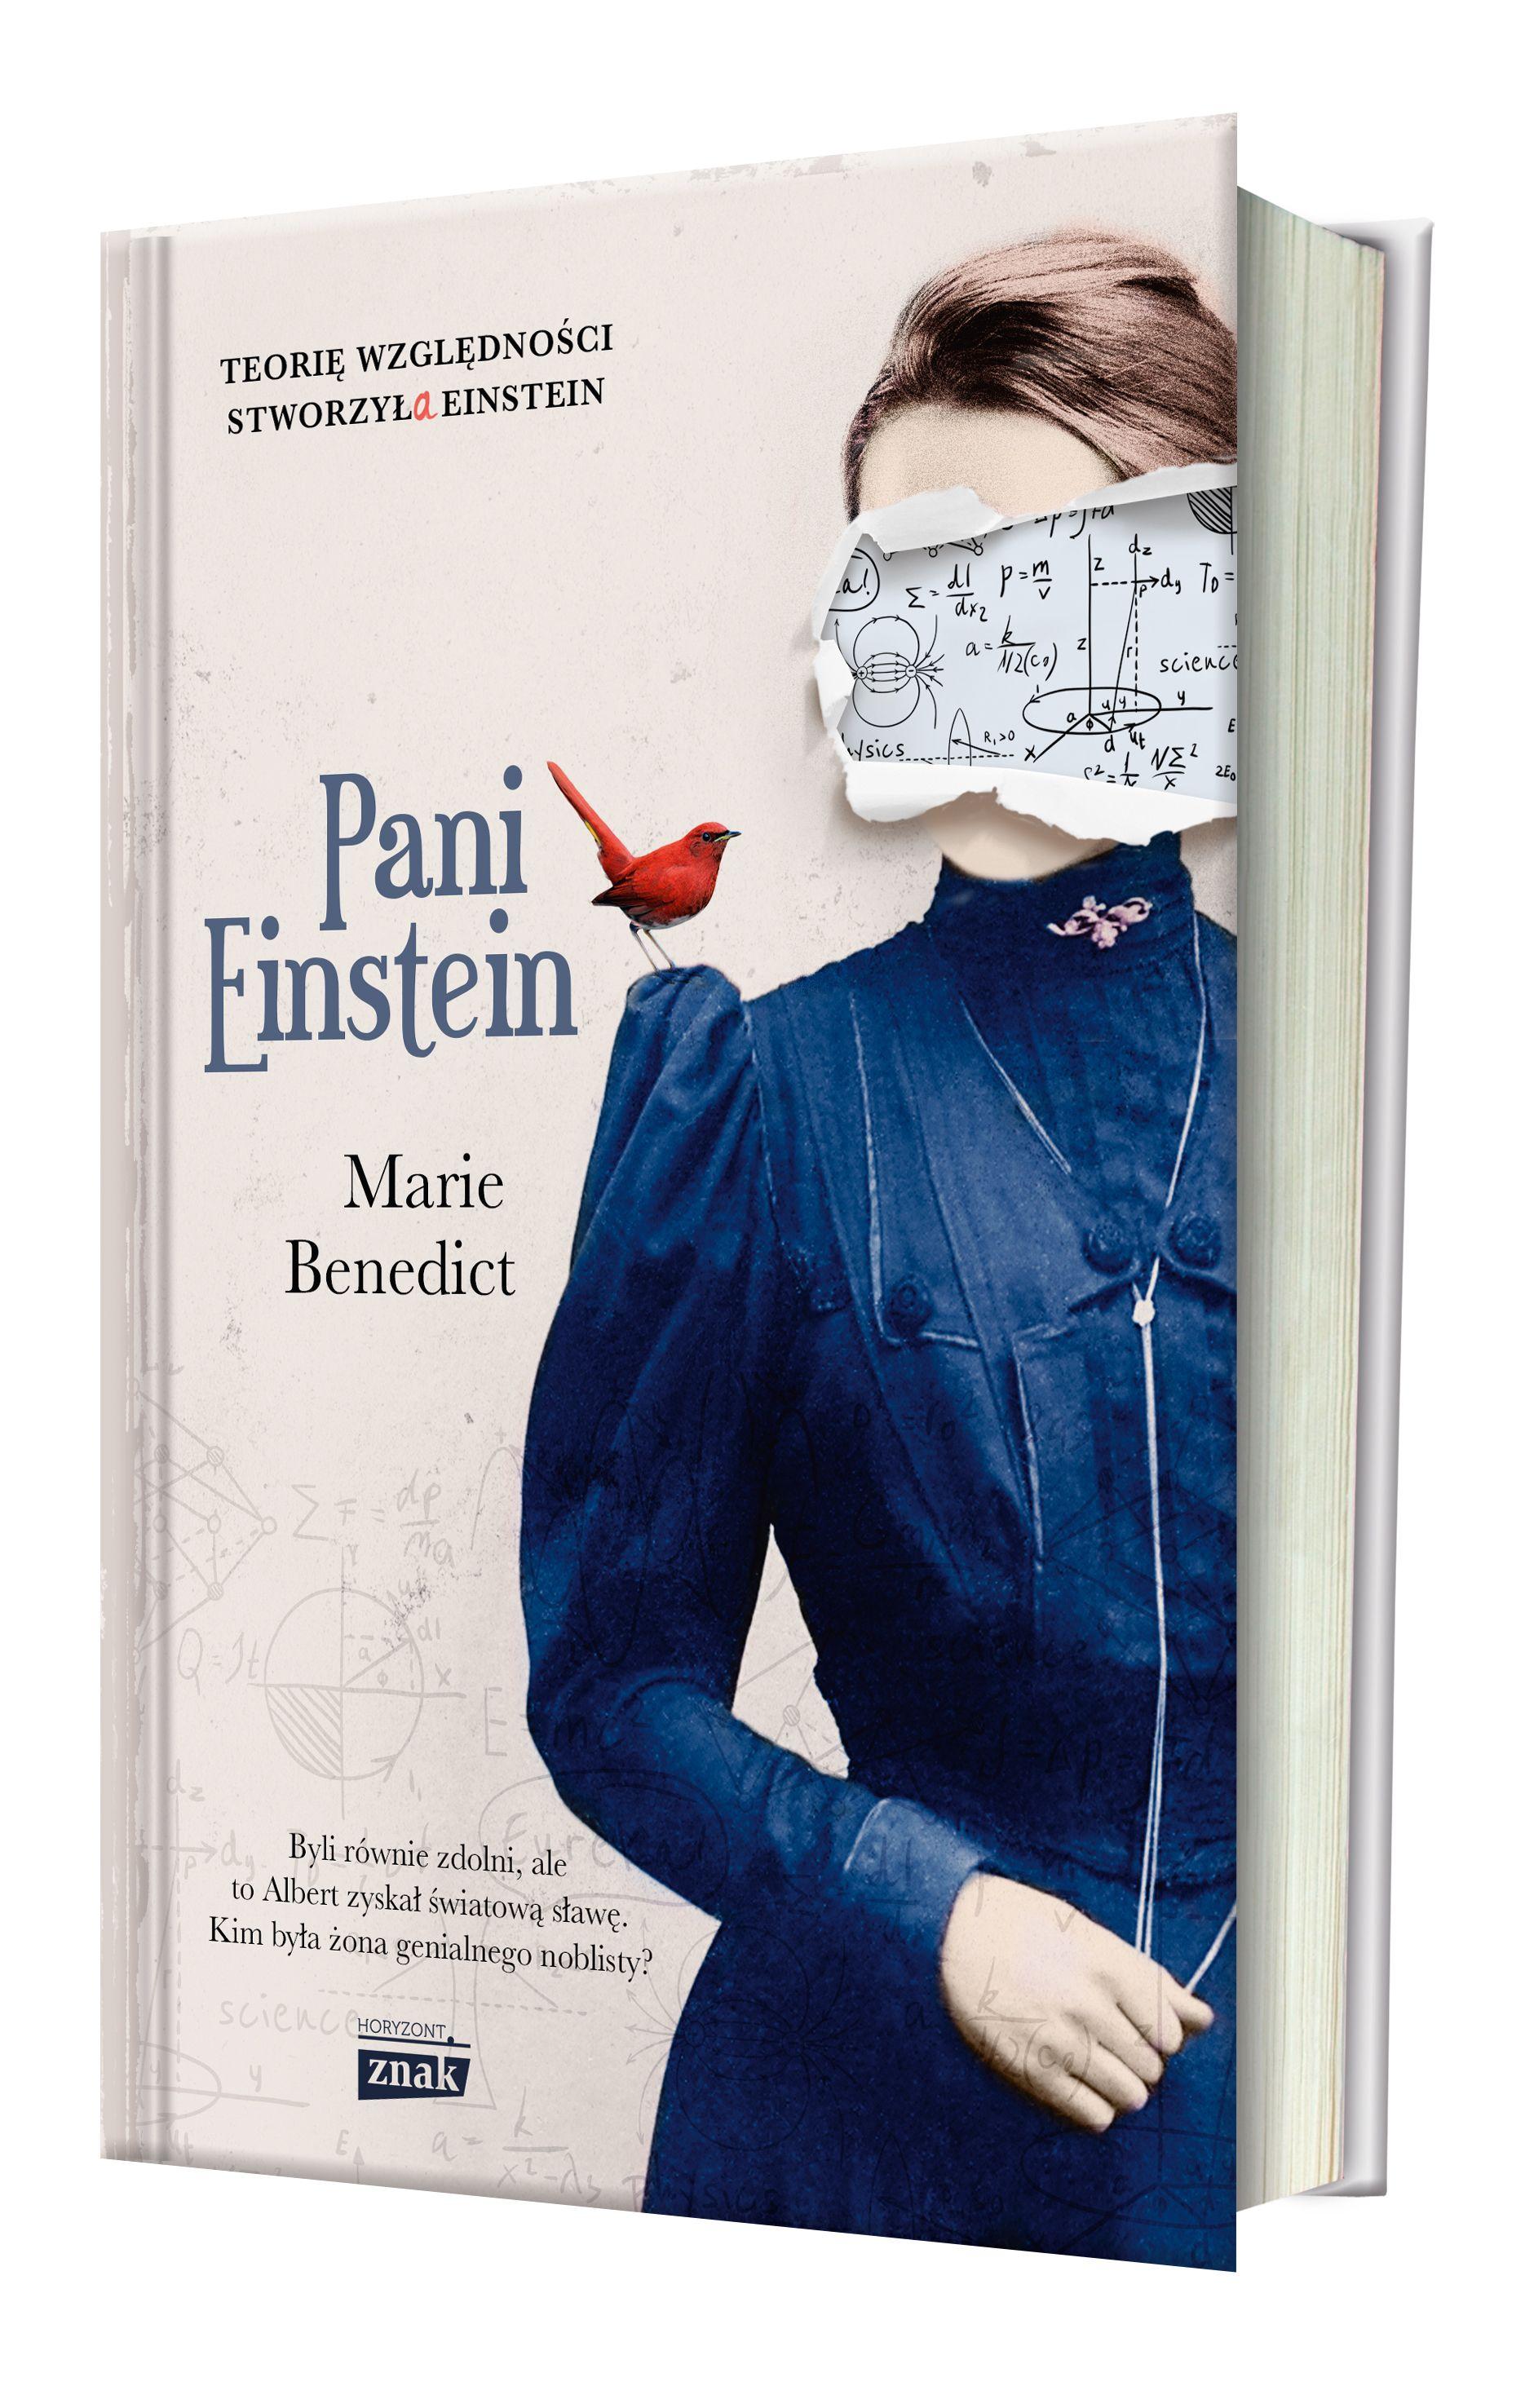 """Poruszającą historię Milevy Marić znajdziecie w powieści Marie Benedict zatytułowanej """"Pani Einstein"""" (Znak Horyzont 2017)."""